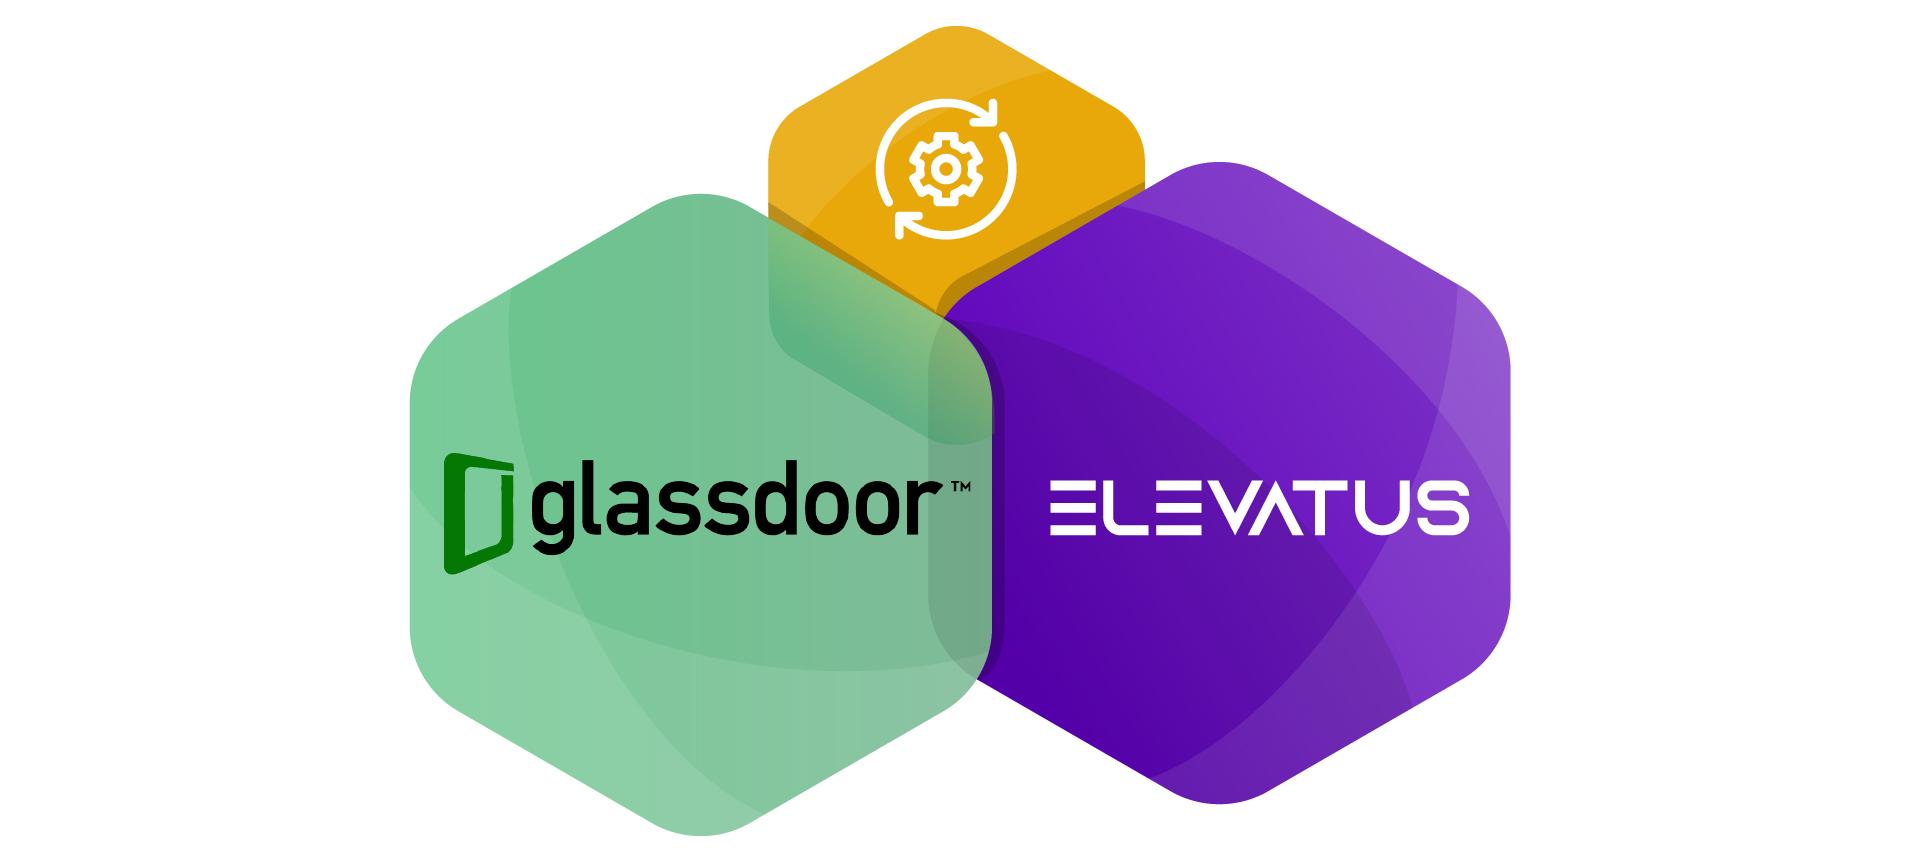 Glassdoor integration